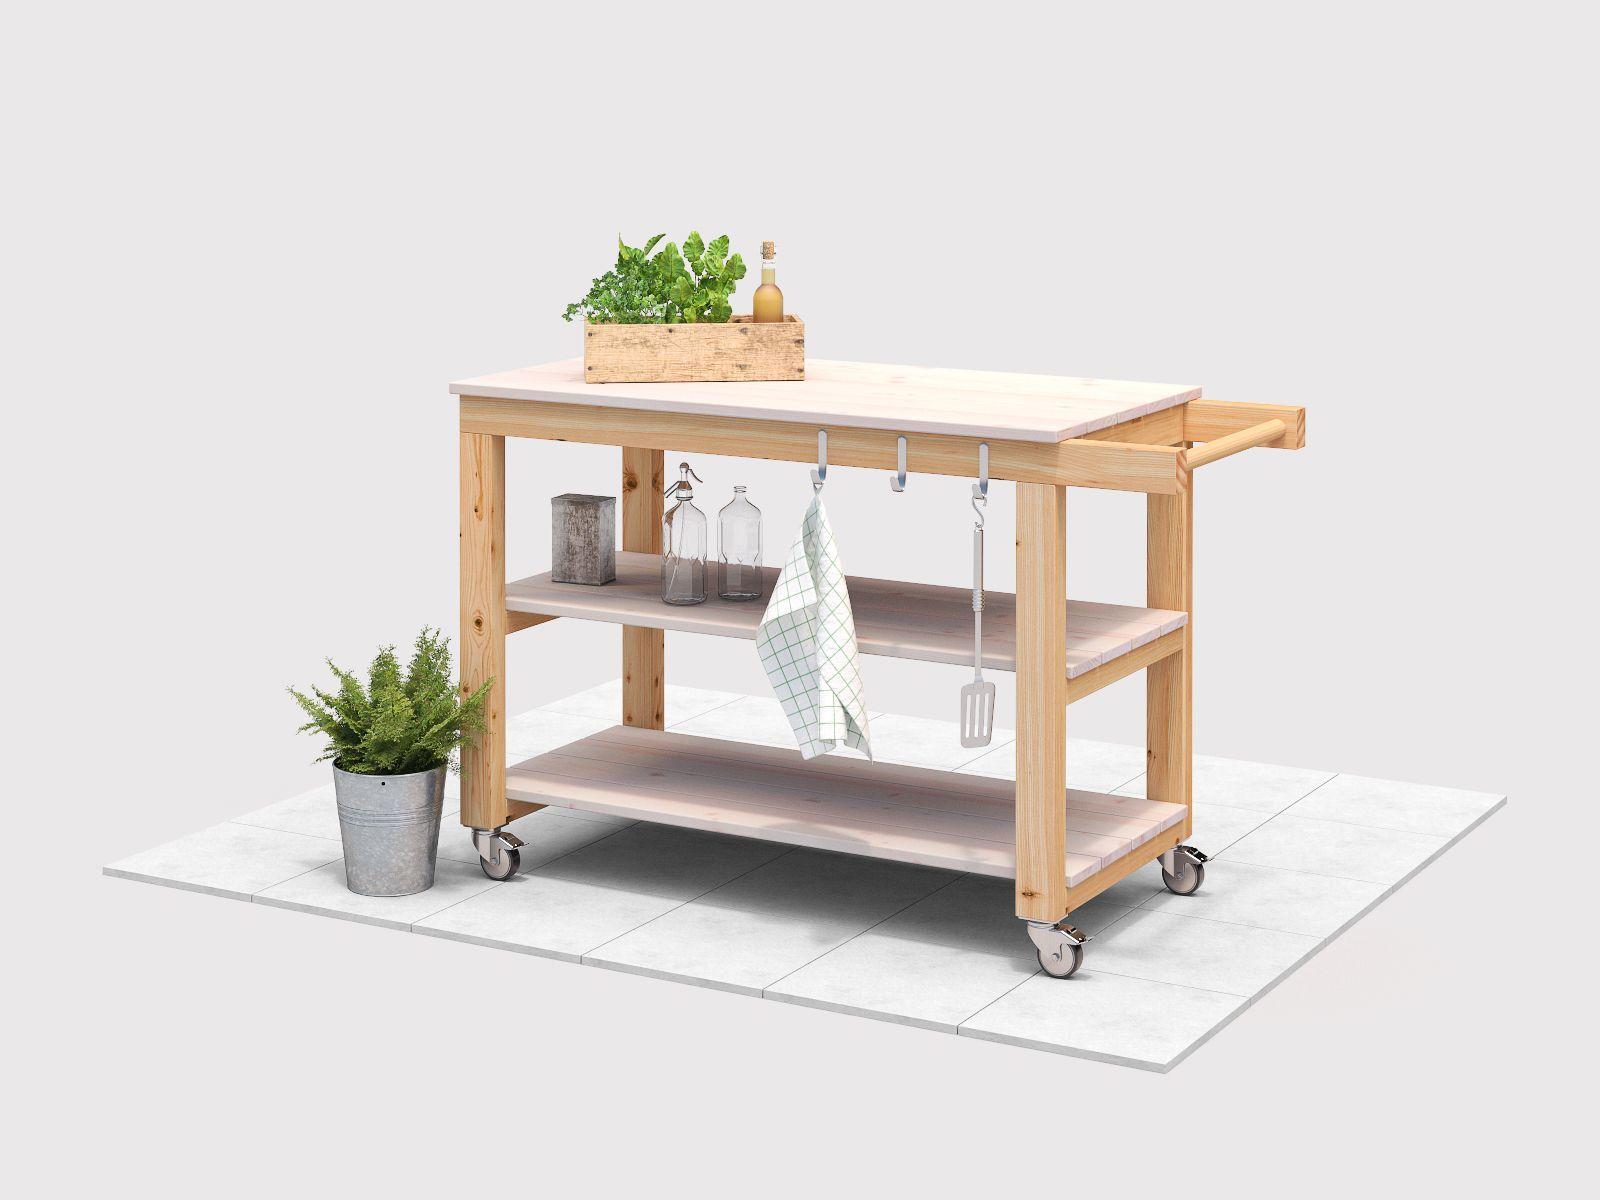 Outdoor Küche Obi : Servierwagen sophie selber bauen gartenmöbel obi möbelbau